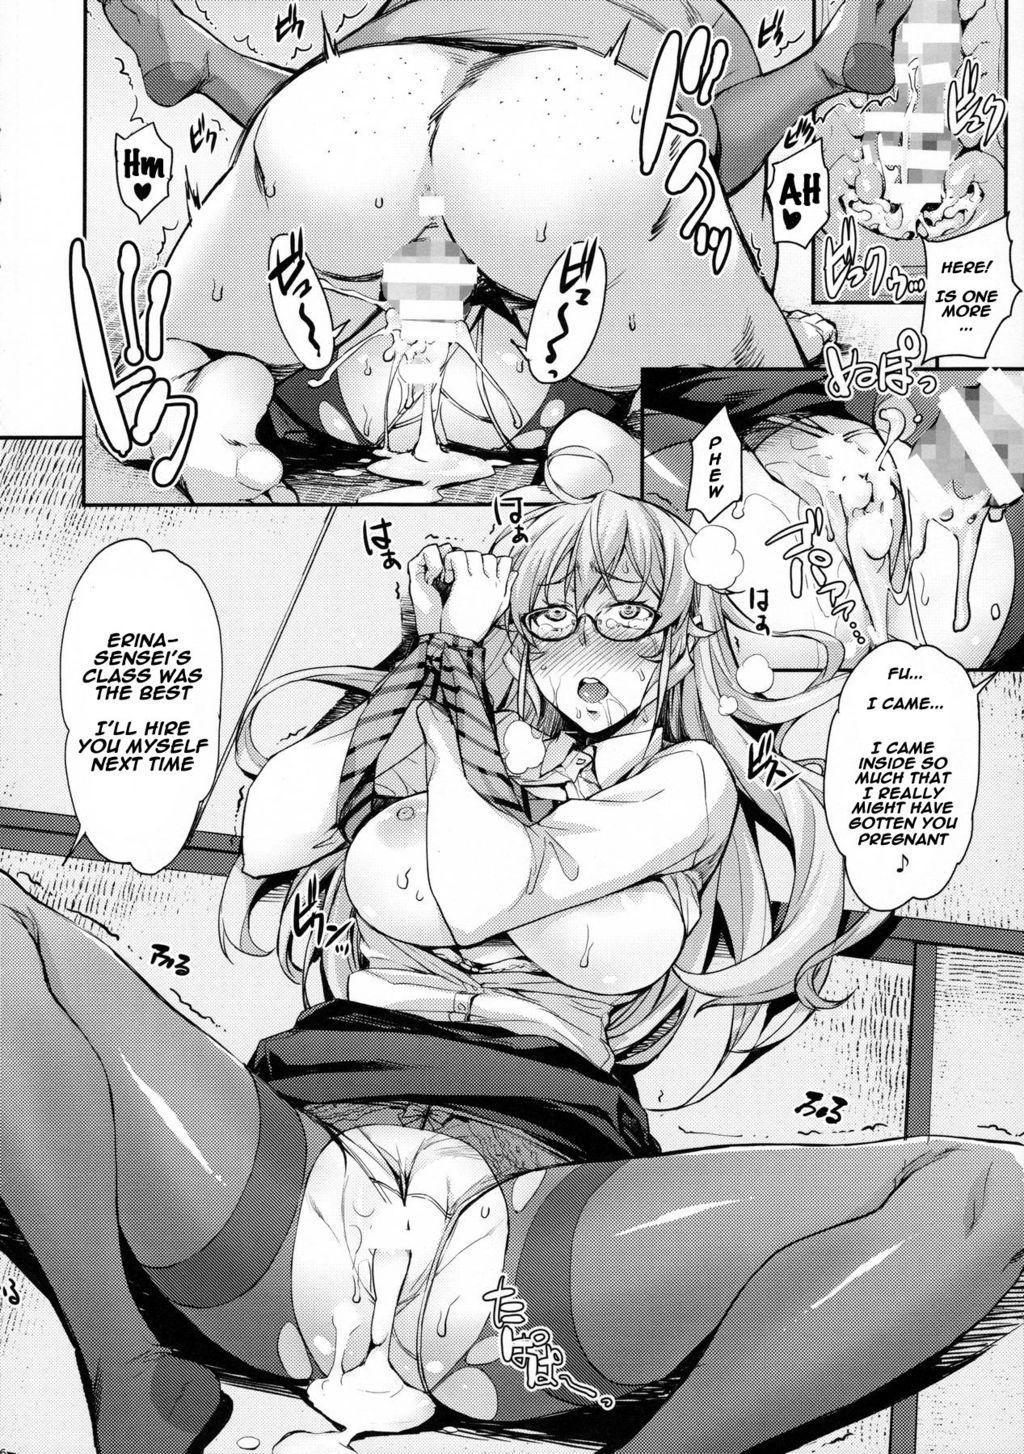 shokugeki no souma Hentai doujin